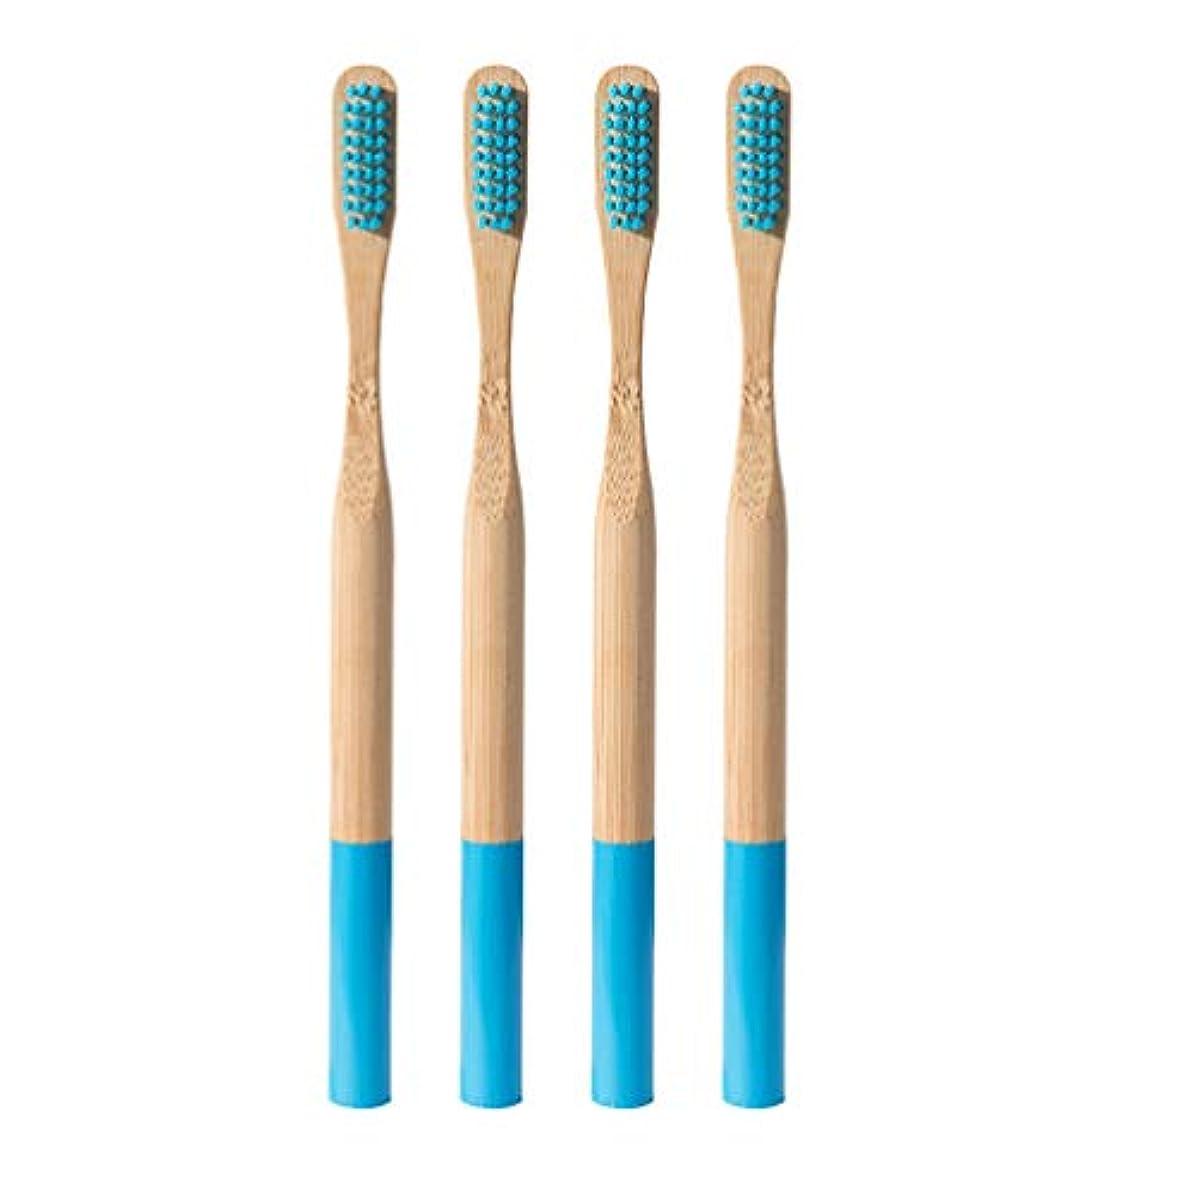 憂鬱一握りなくなるHeallily 竹の歯ブラシ4ピースの柔らかい毛の歯ブラシ生分解性の環境に優しい柔らかい歯ブラシ、大人のための細い毛が付いている抗菌性の歯ブラシ(青)